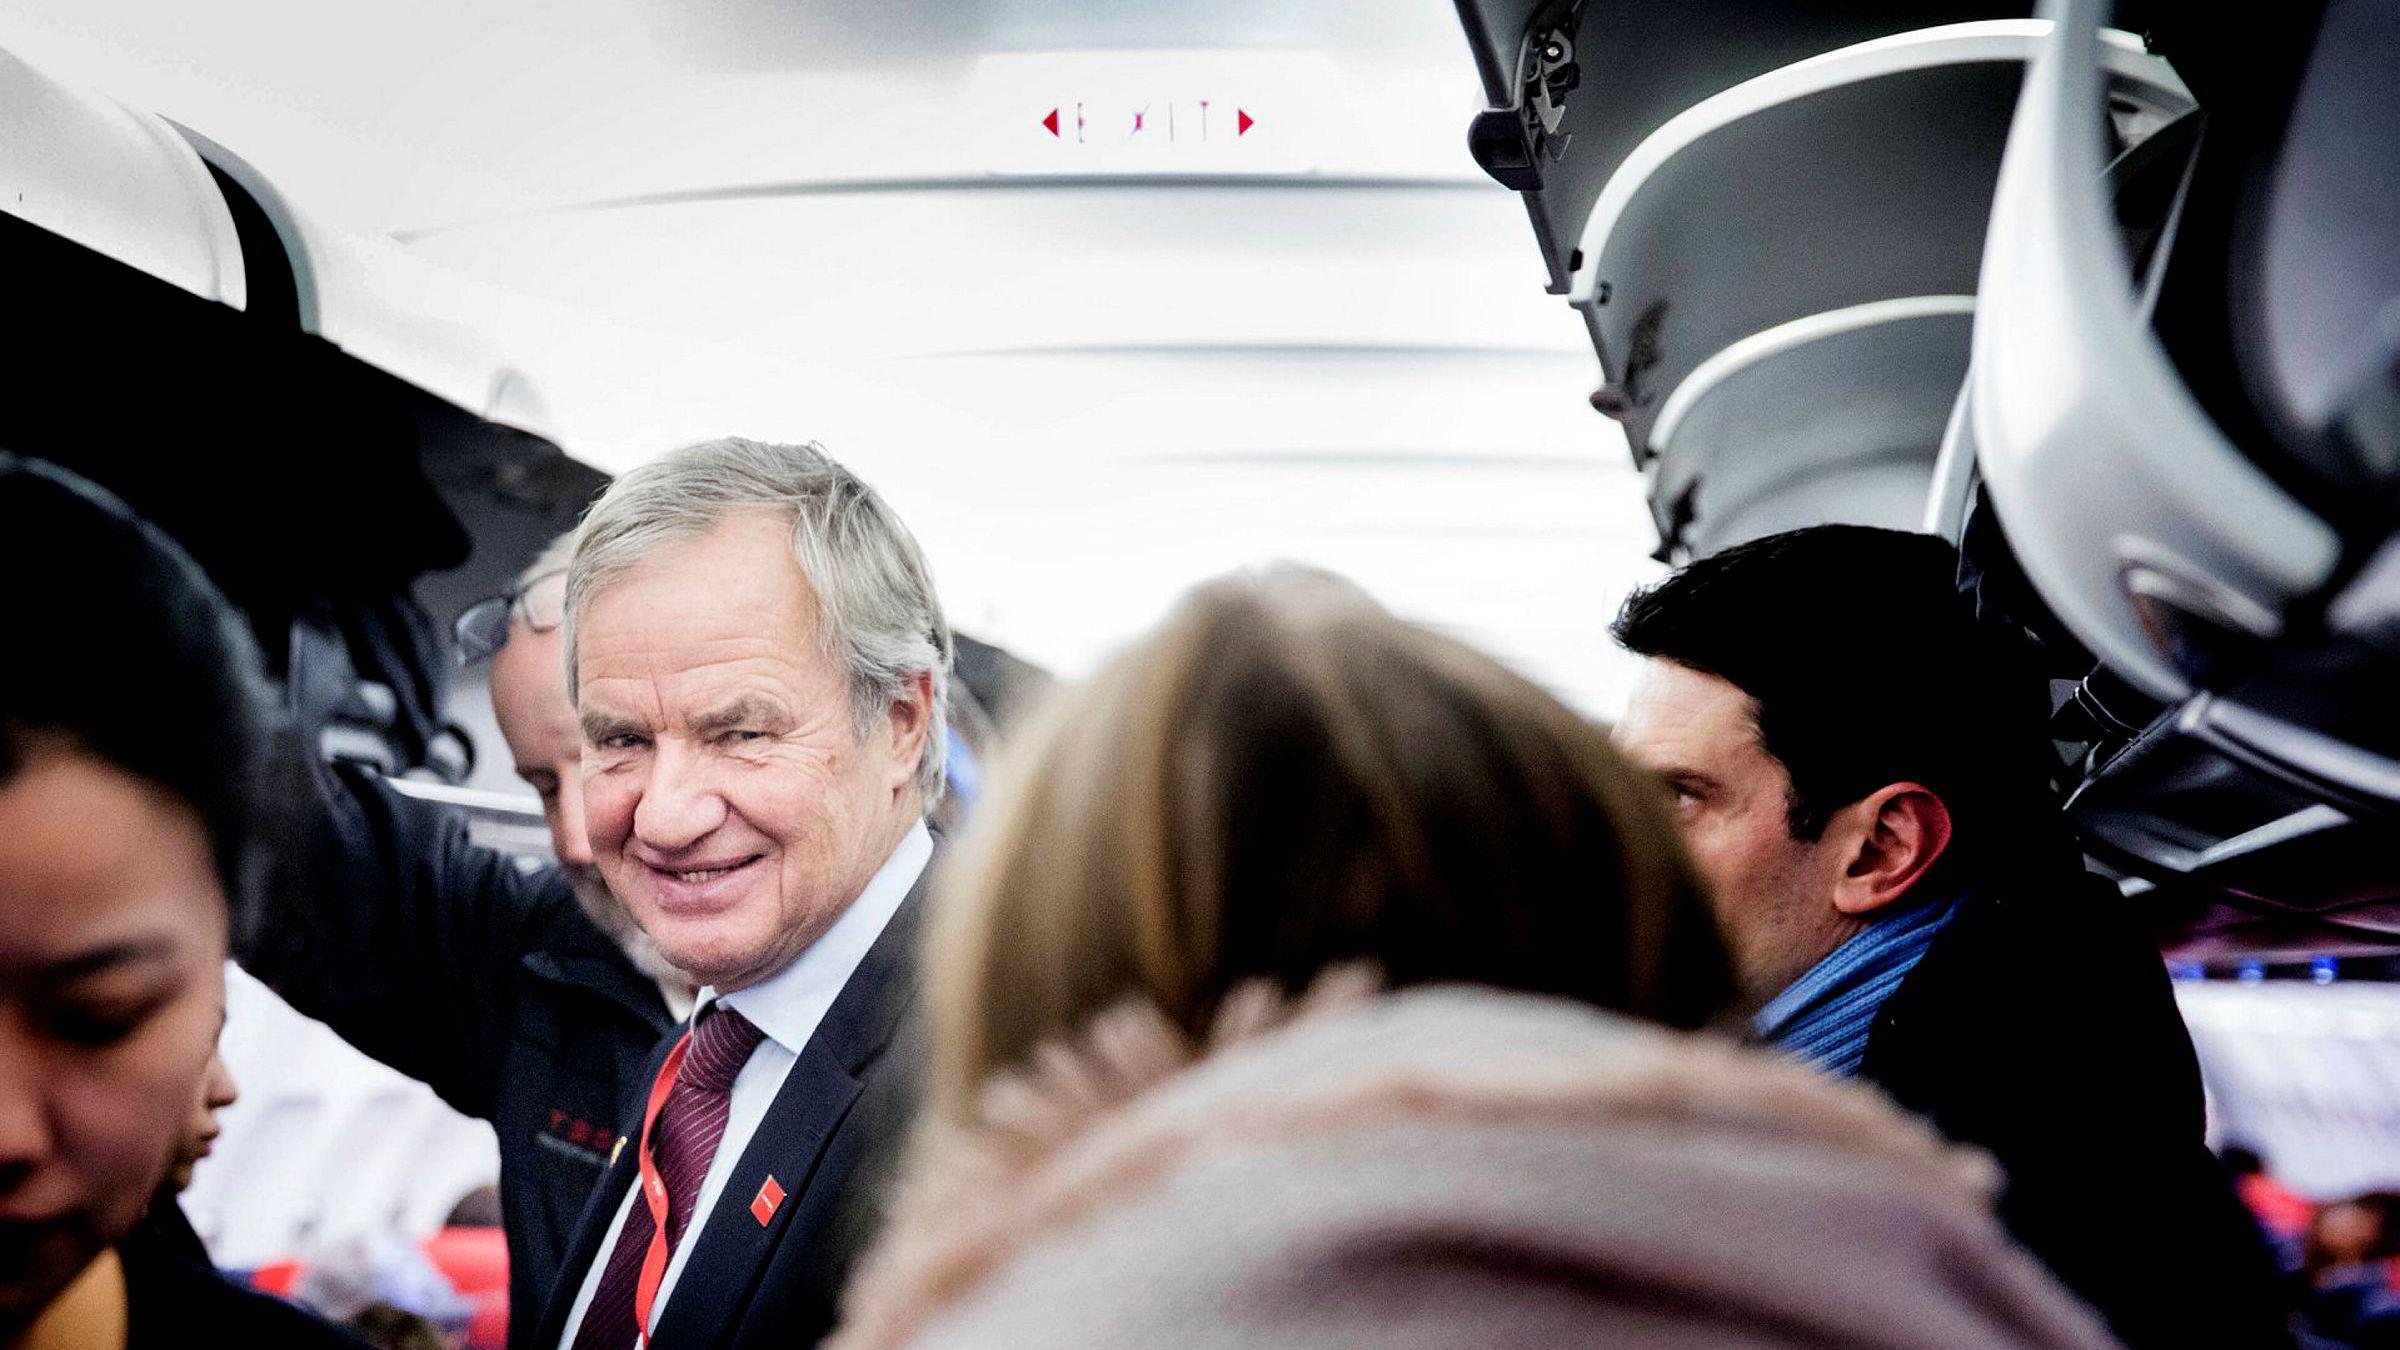 Norwegian-sjef Bjørn Kjos, her på vei ut av et Norwegian-fly etter ankomst i Brussel.